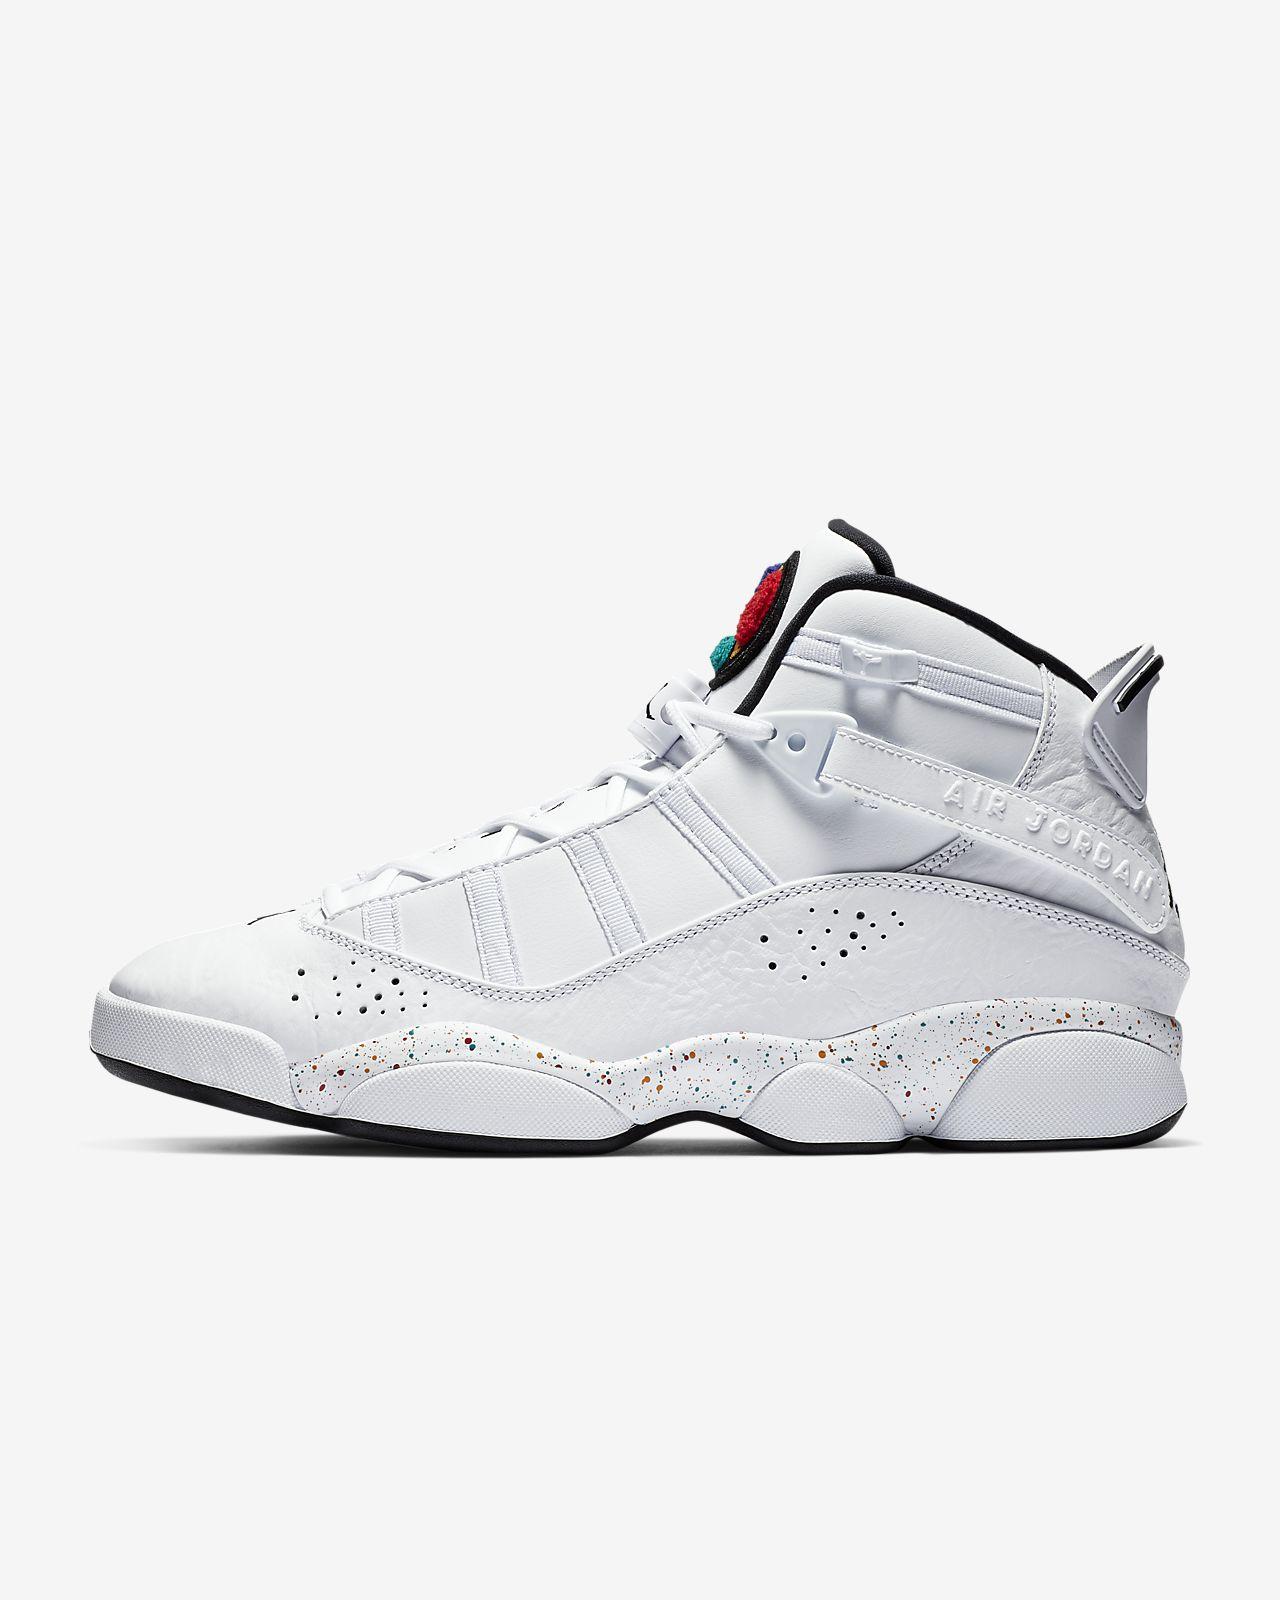 2577a3a1b265a Jordan 6 Rings Men s Shoe. Nike.com NO